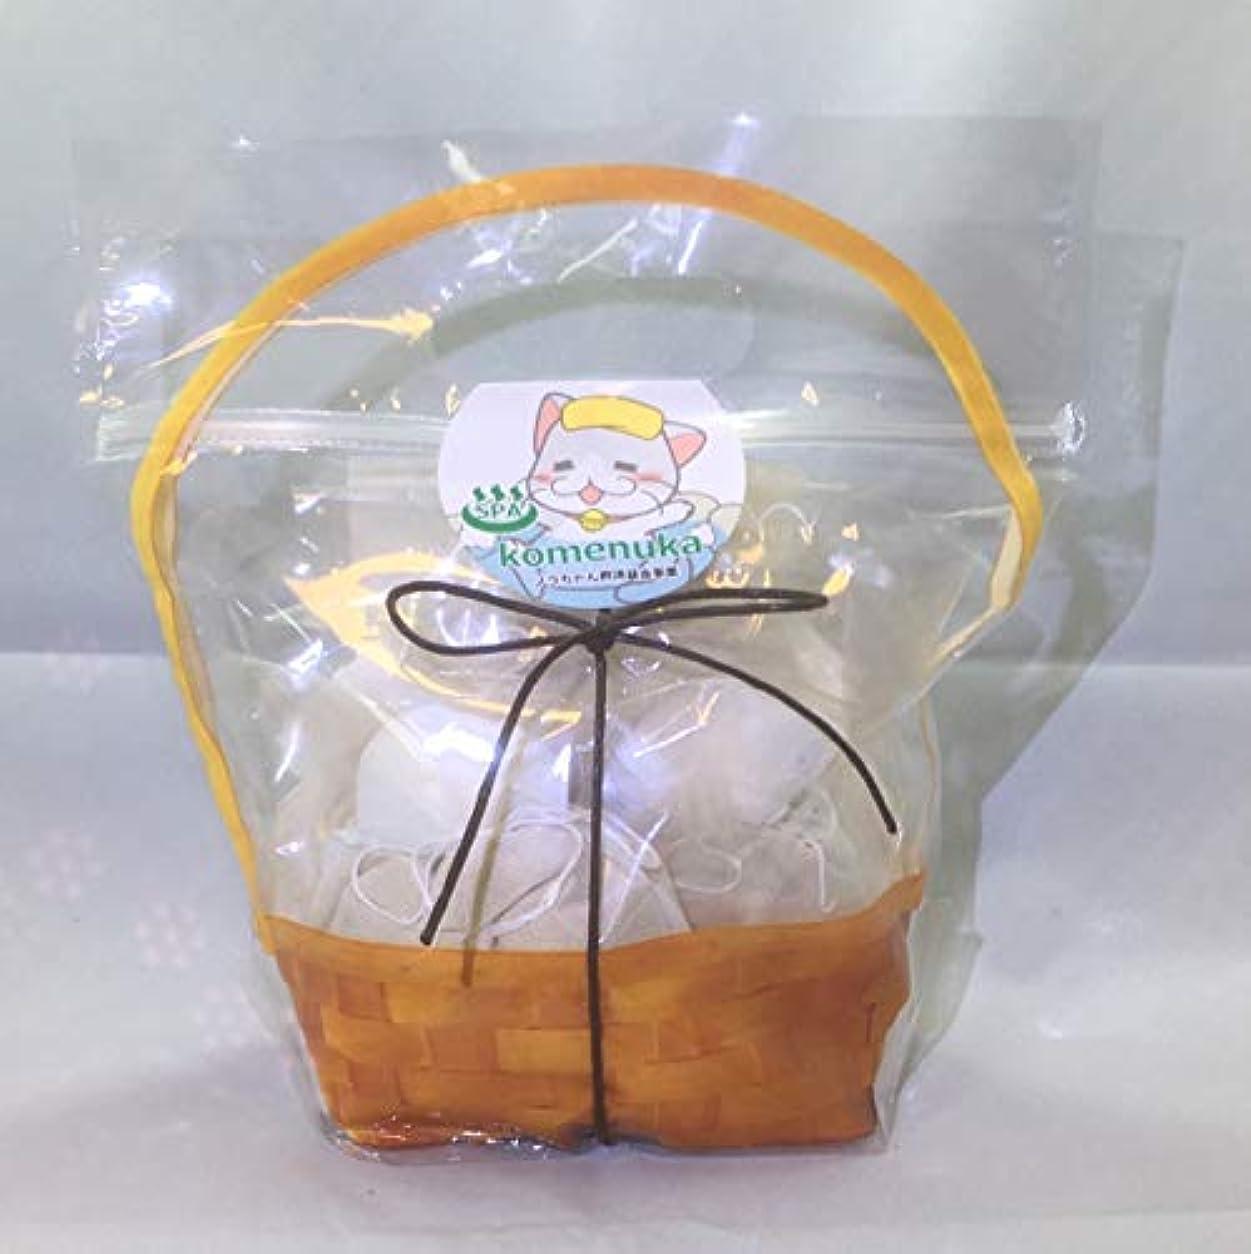 誤解させる木材内向き【ジロちゃんの米ぬかSPA】米ぬか入浴剤 有機栽培米ぬか100%ぬか袋 米ぬか入浴剤 無添加 個別包装